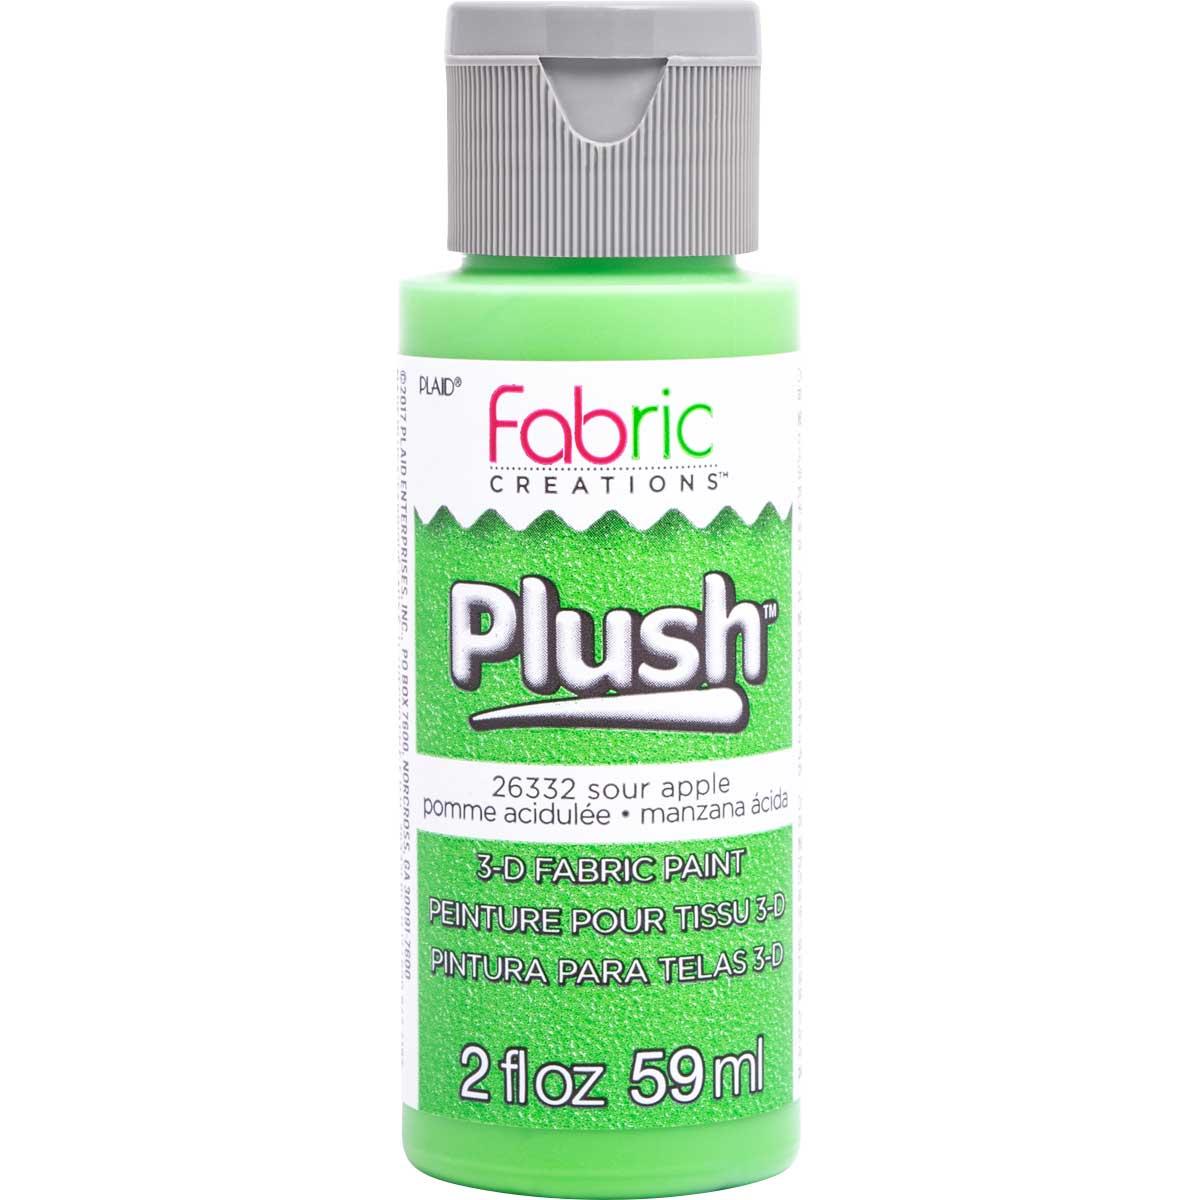 Fabric Creations™ Plush™ 3-D Fabric Paints - Sour Apple, 2 oz. - 26332